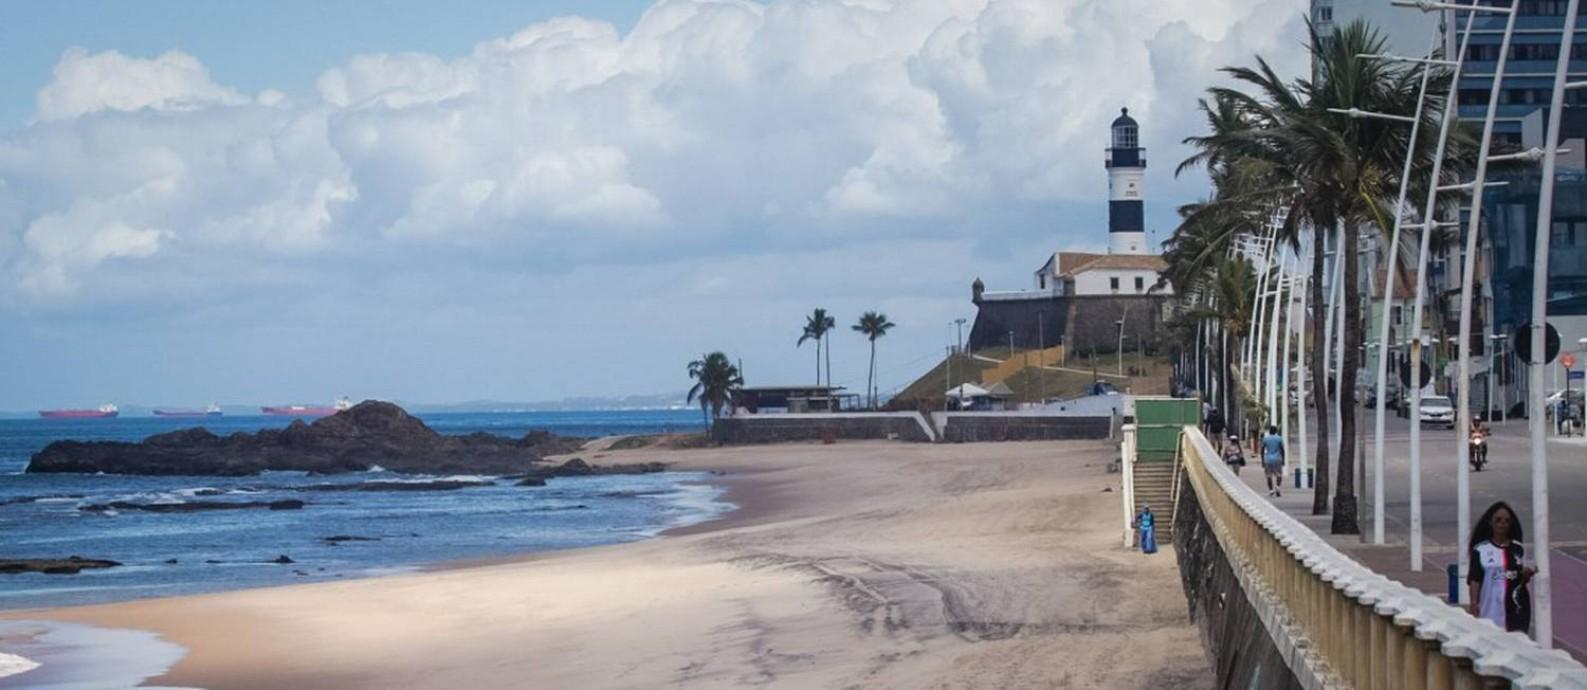 Prefeitura de Salvador determinou o fechamento das praias da cidade Foto: Fotoarena / Agência O Globo